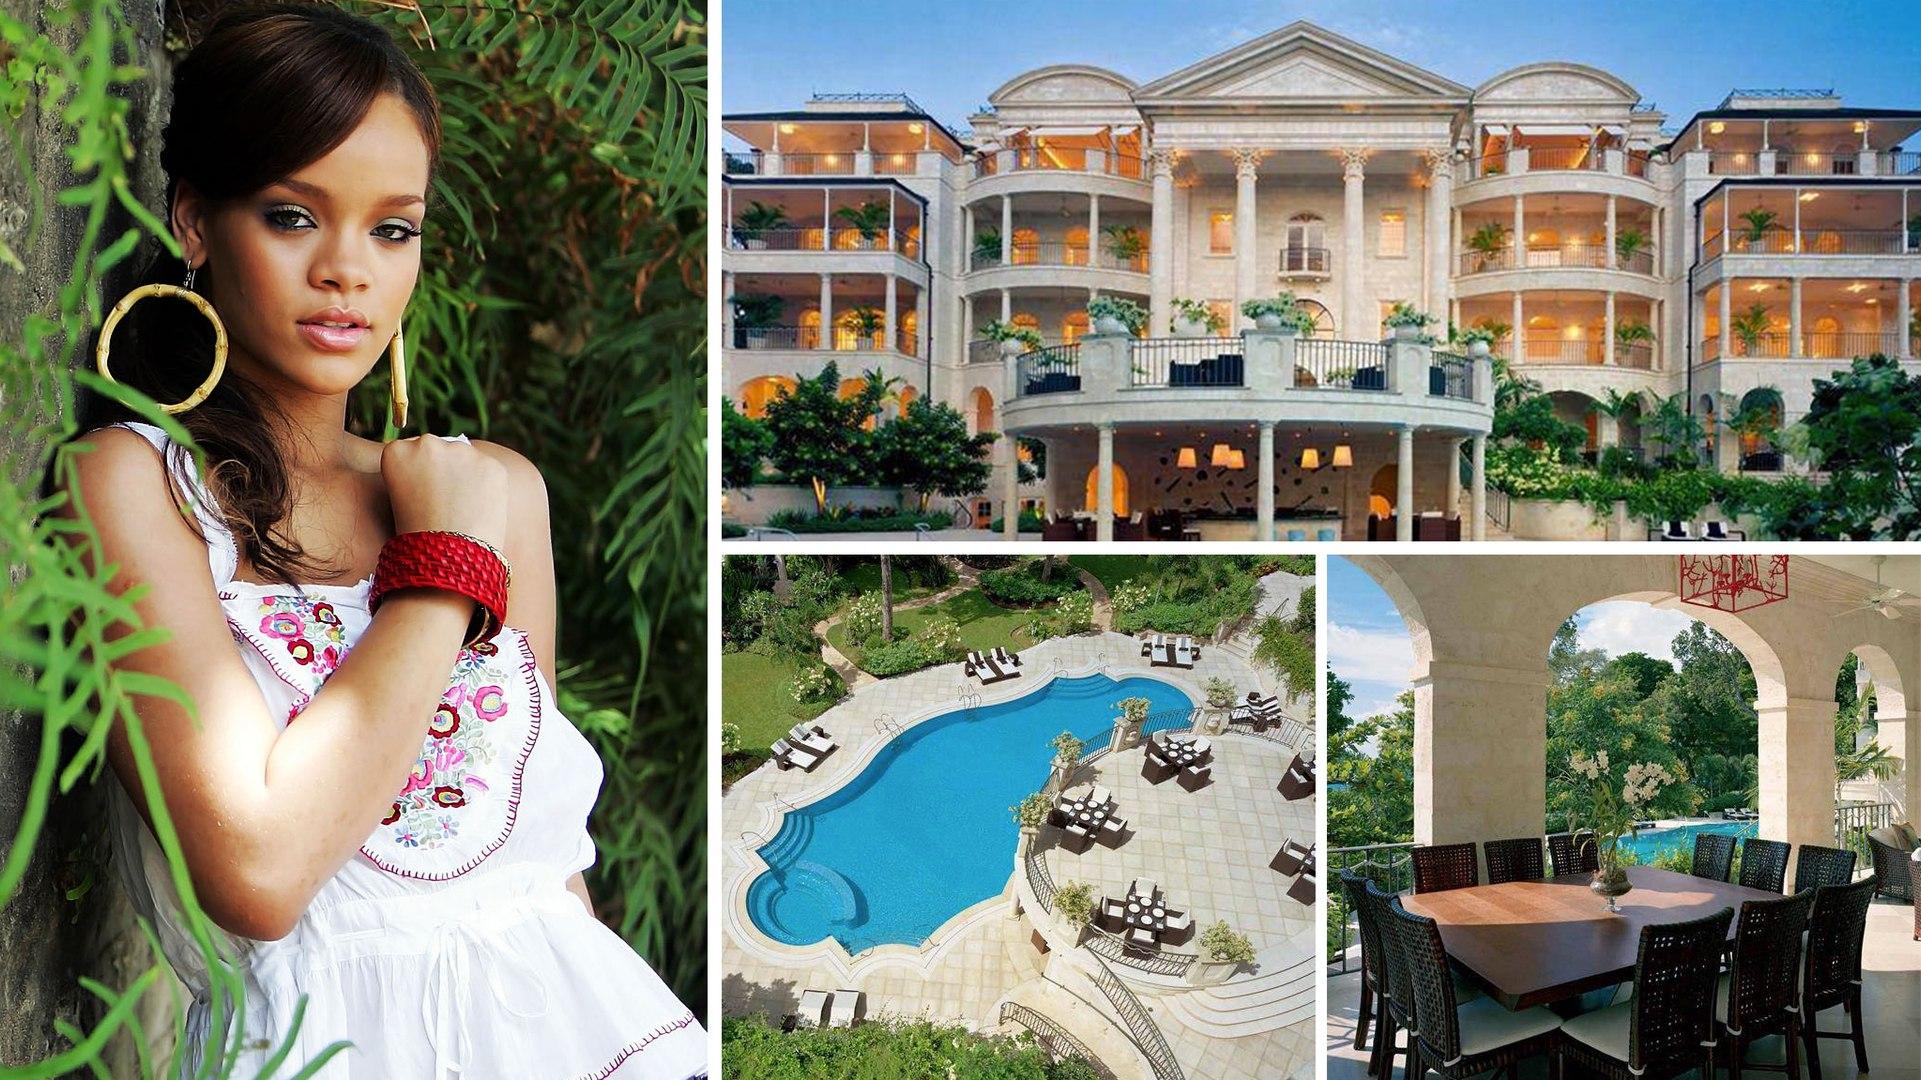 Rihanna New Home In Barbados Daedalusdrones Com